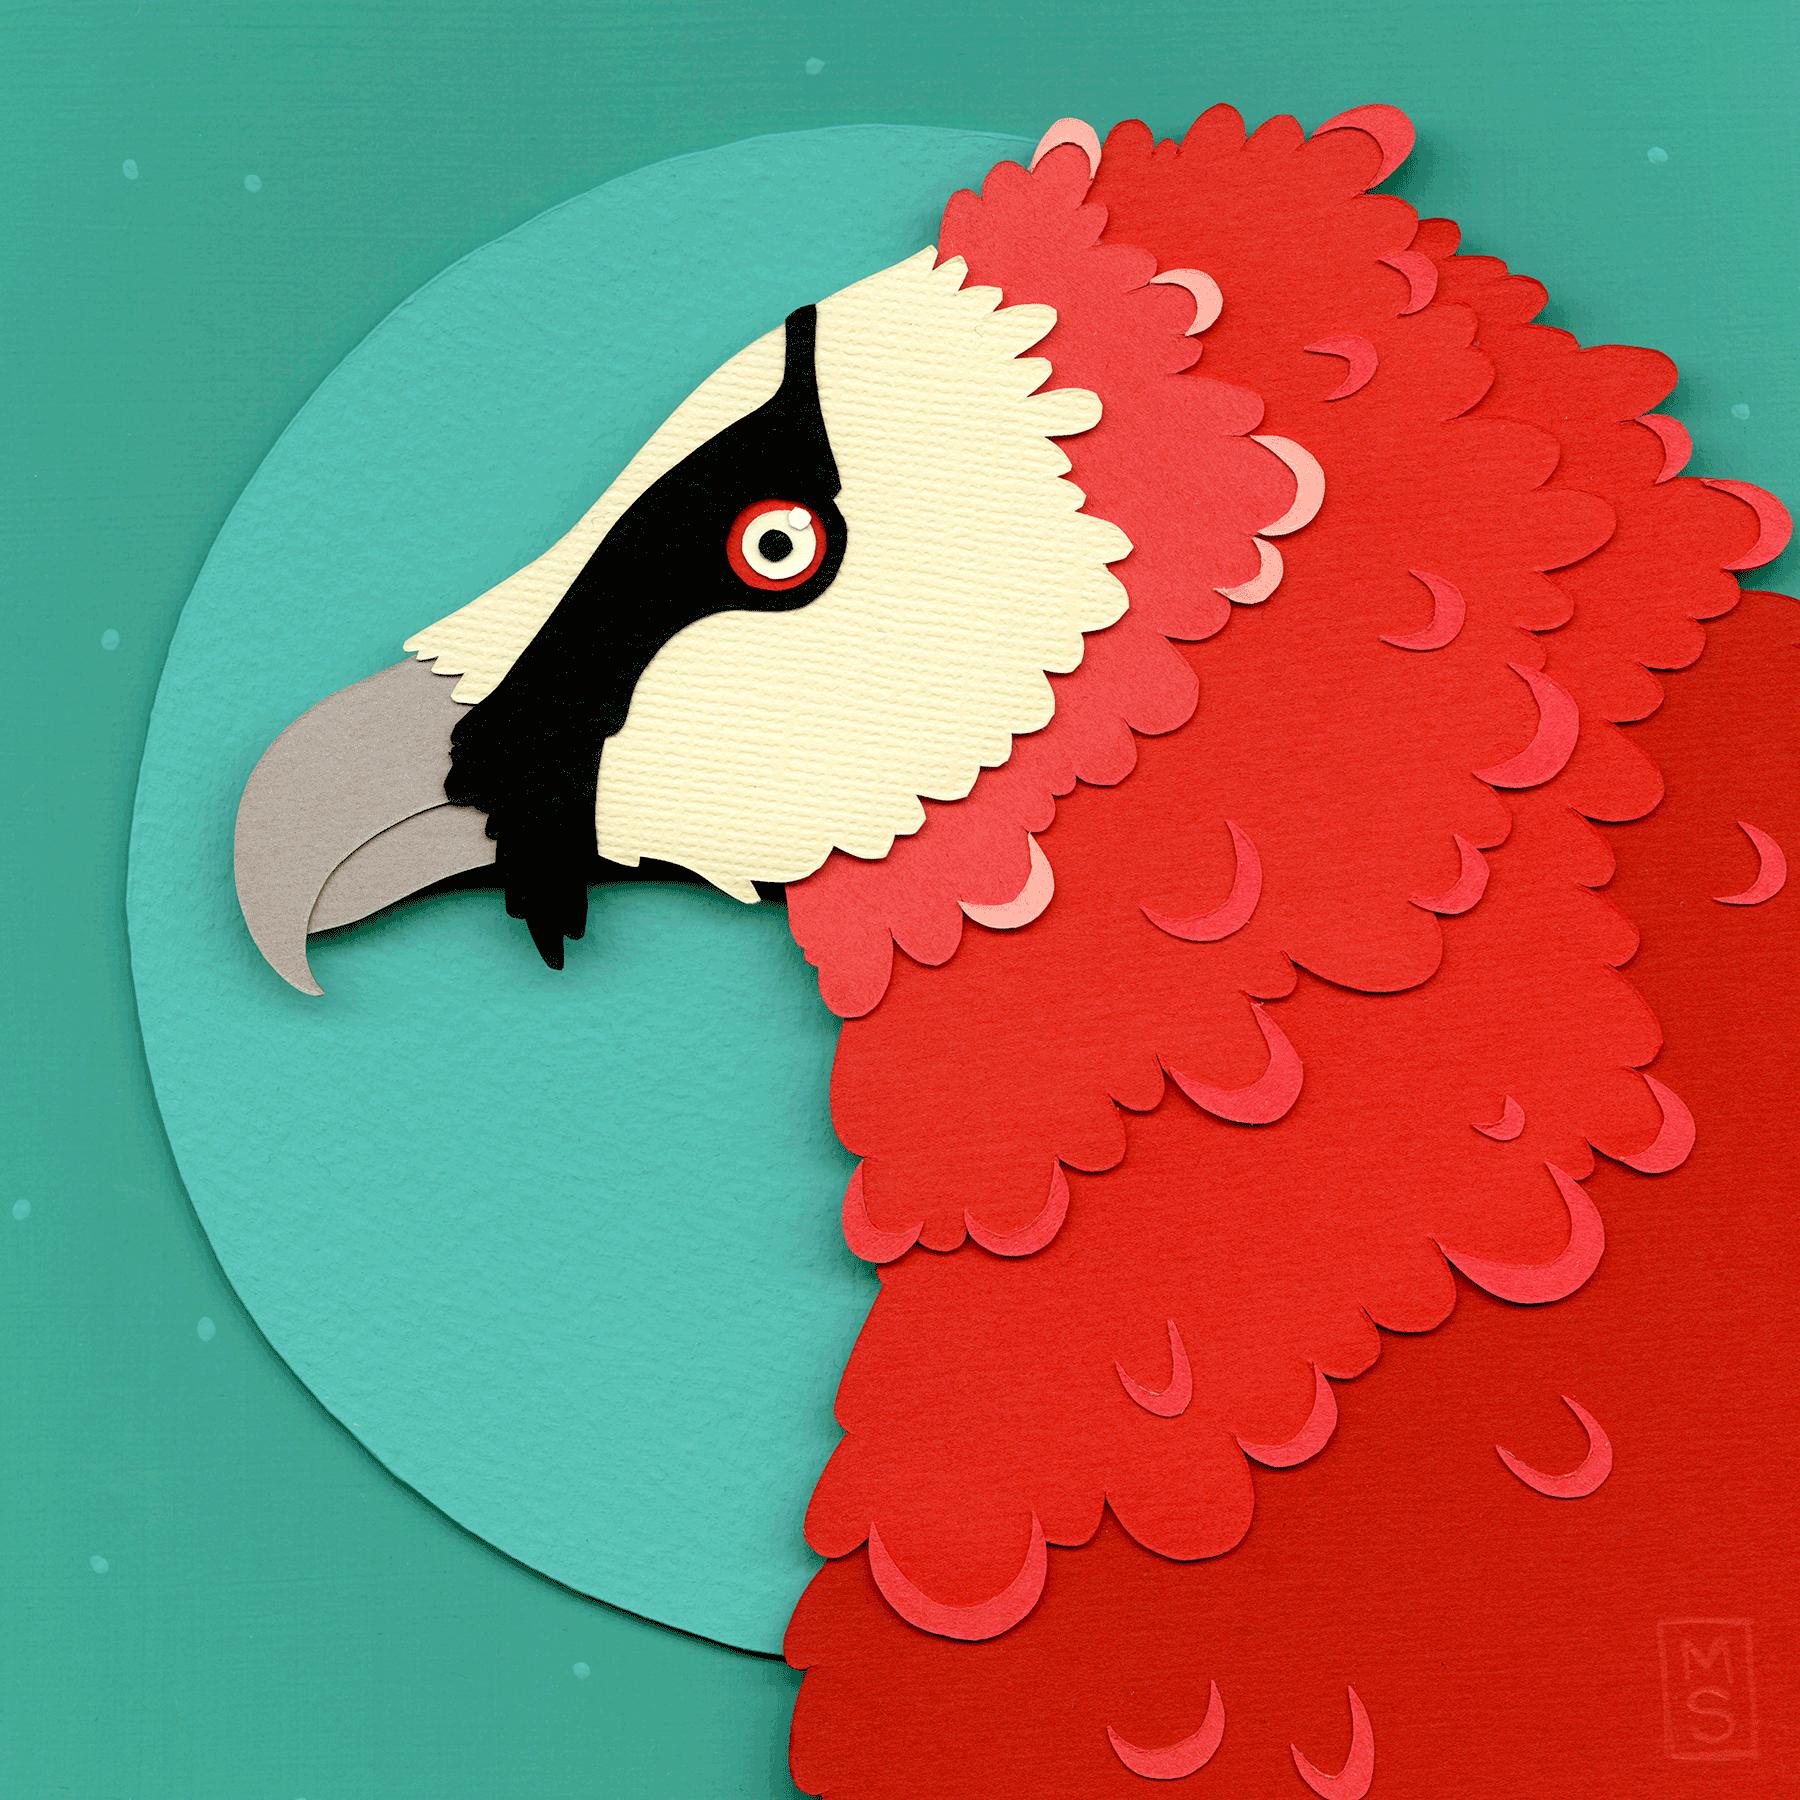 Vulture_sRGB.png